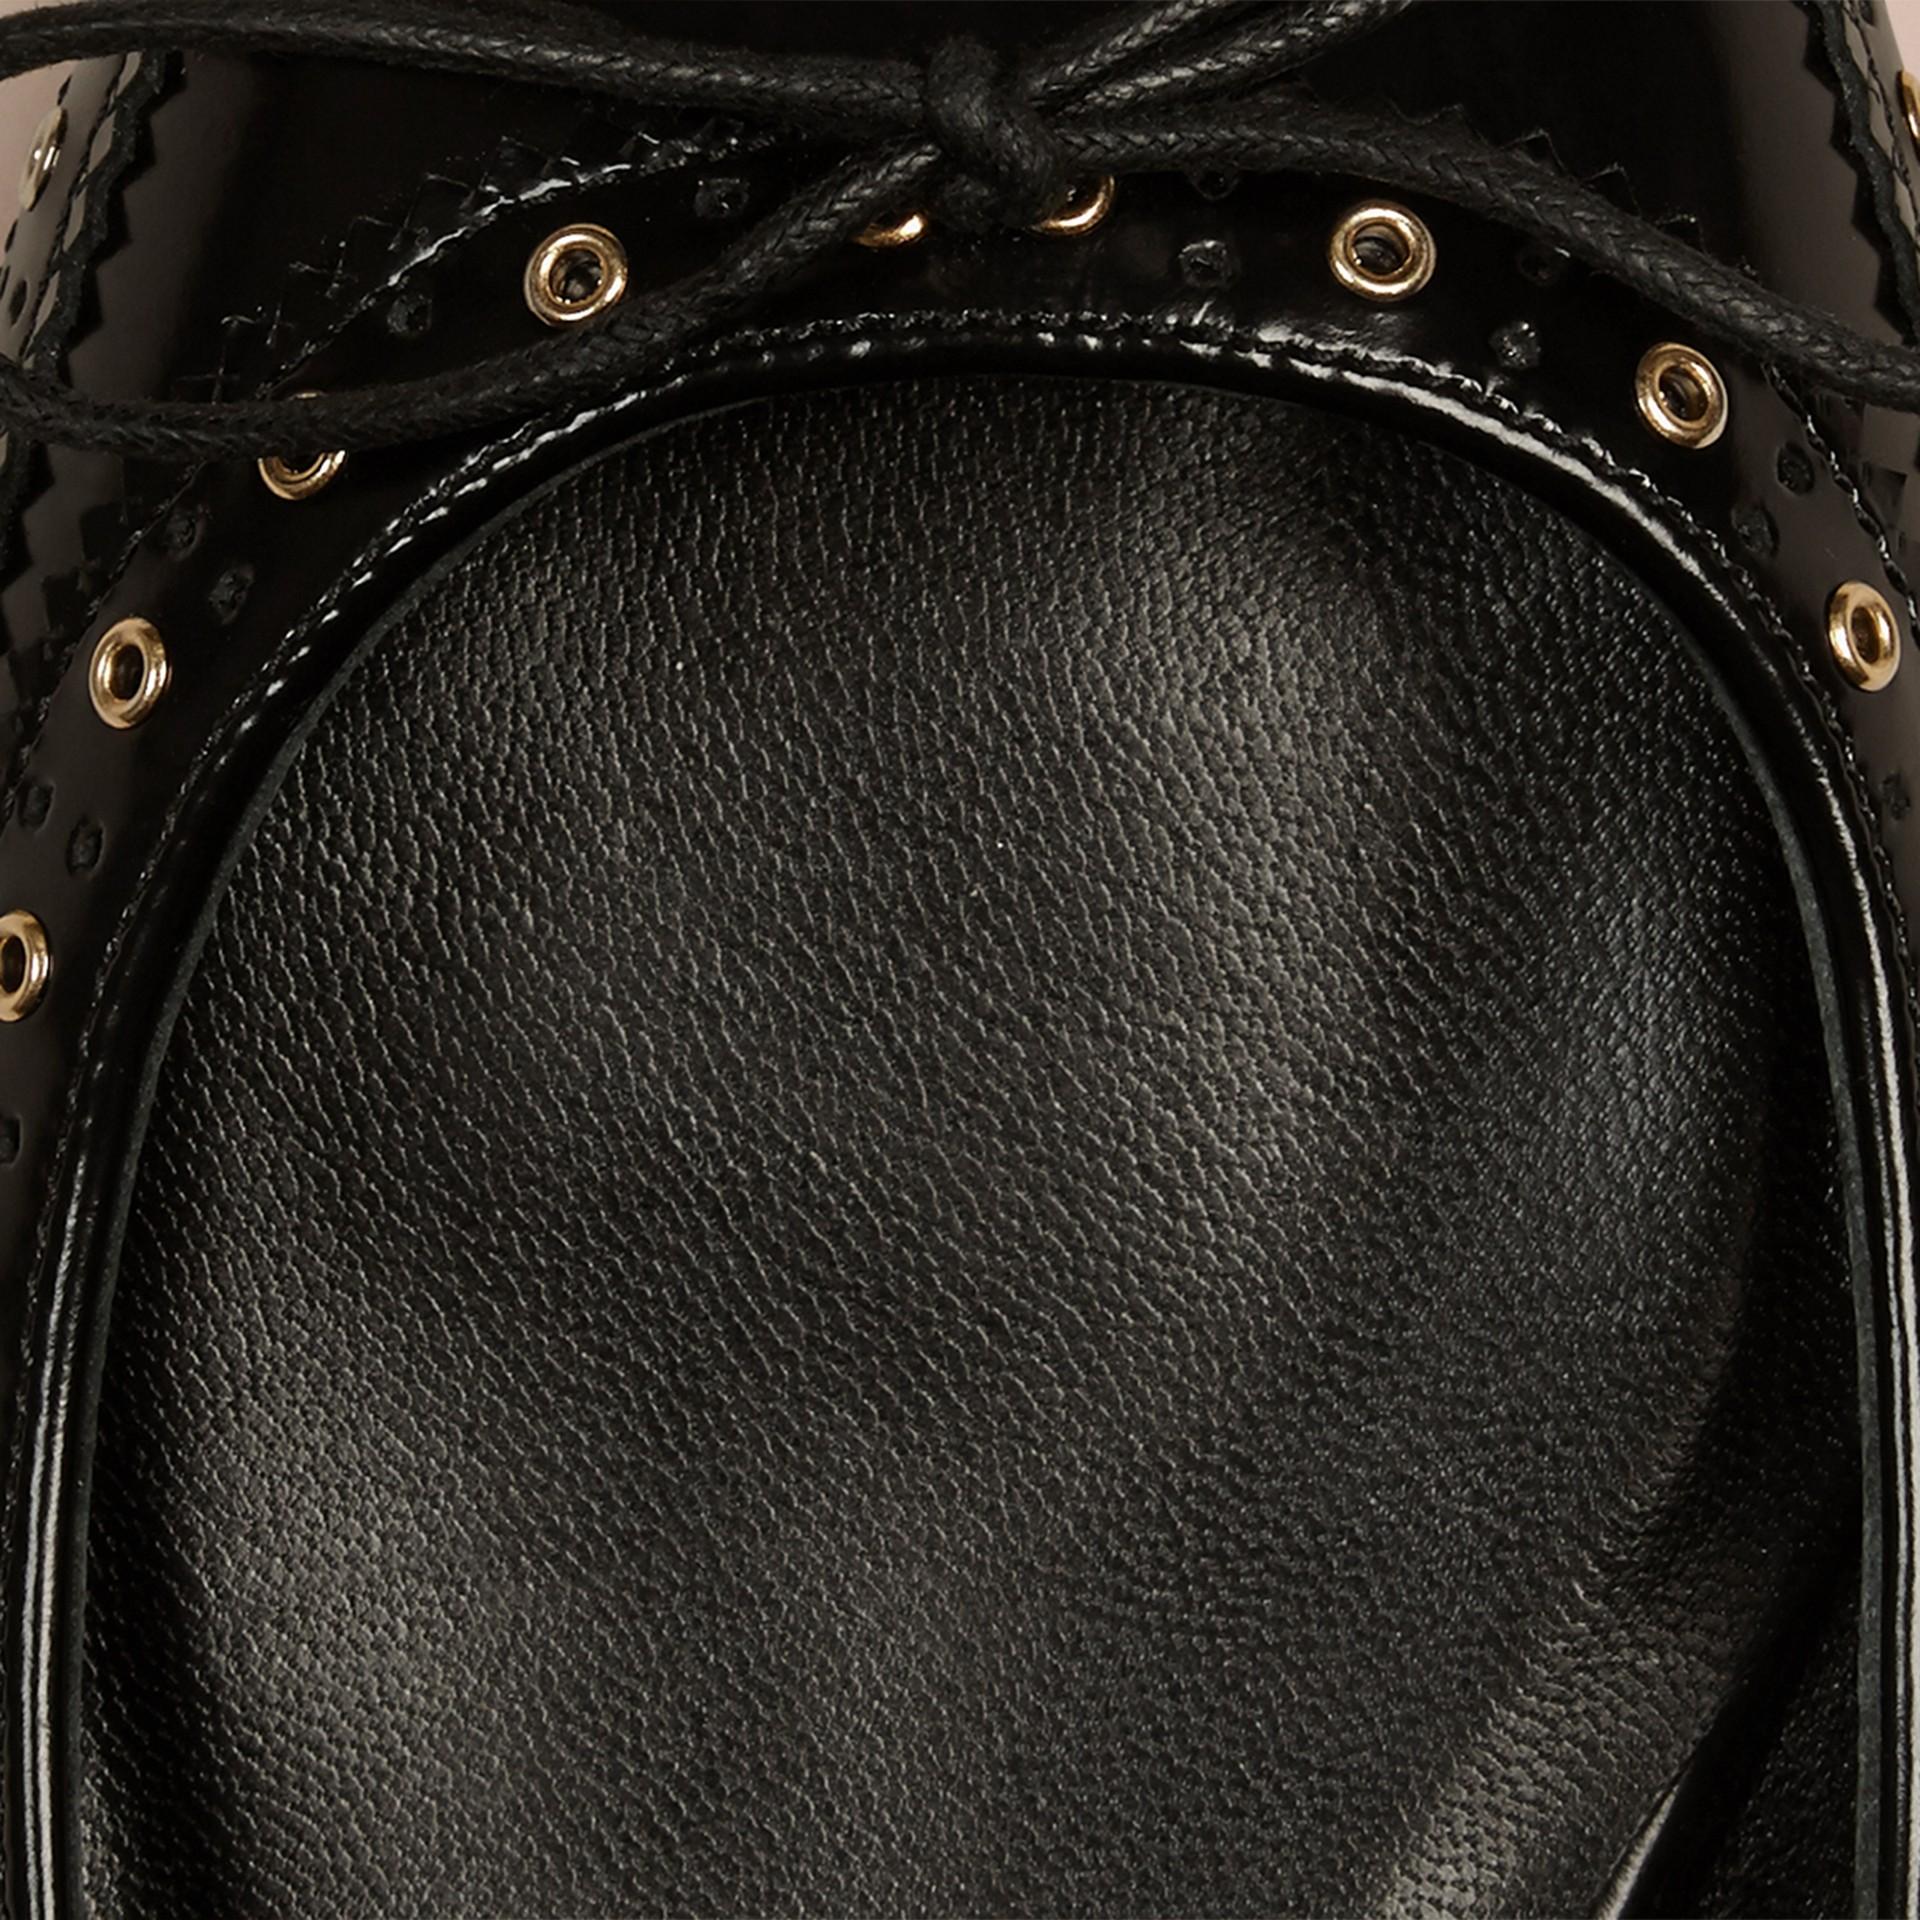 Preto Sapatilhas de couro com wingtip – Produto vendido exclusivamente online - galeria de imagens 2